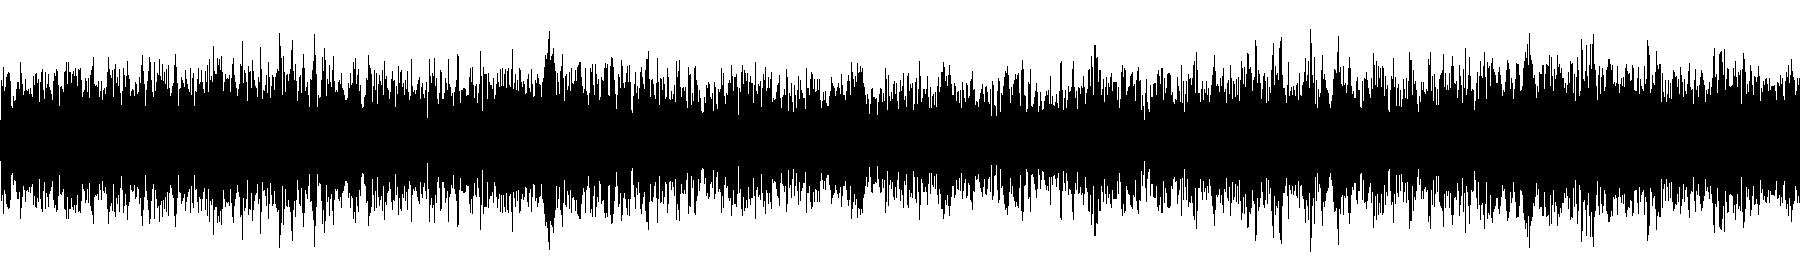 vfx1 atmos 06